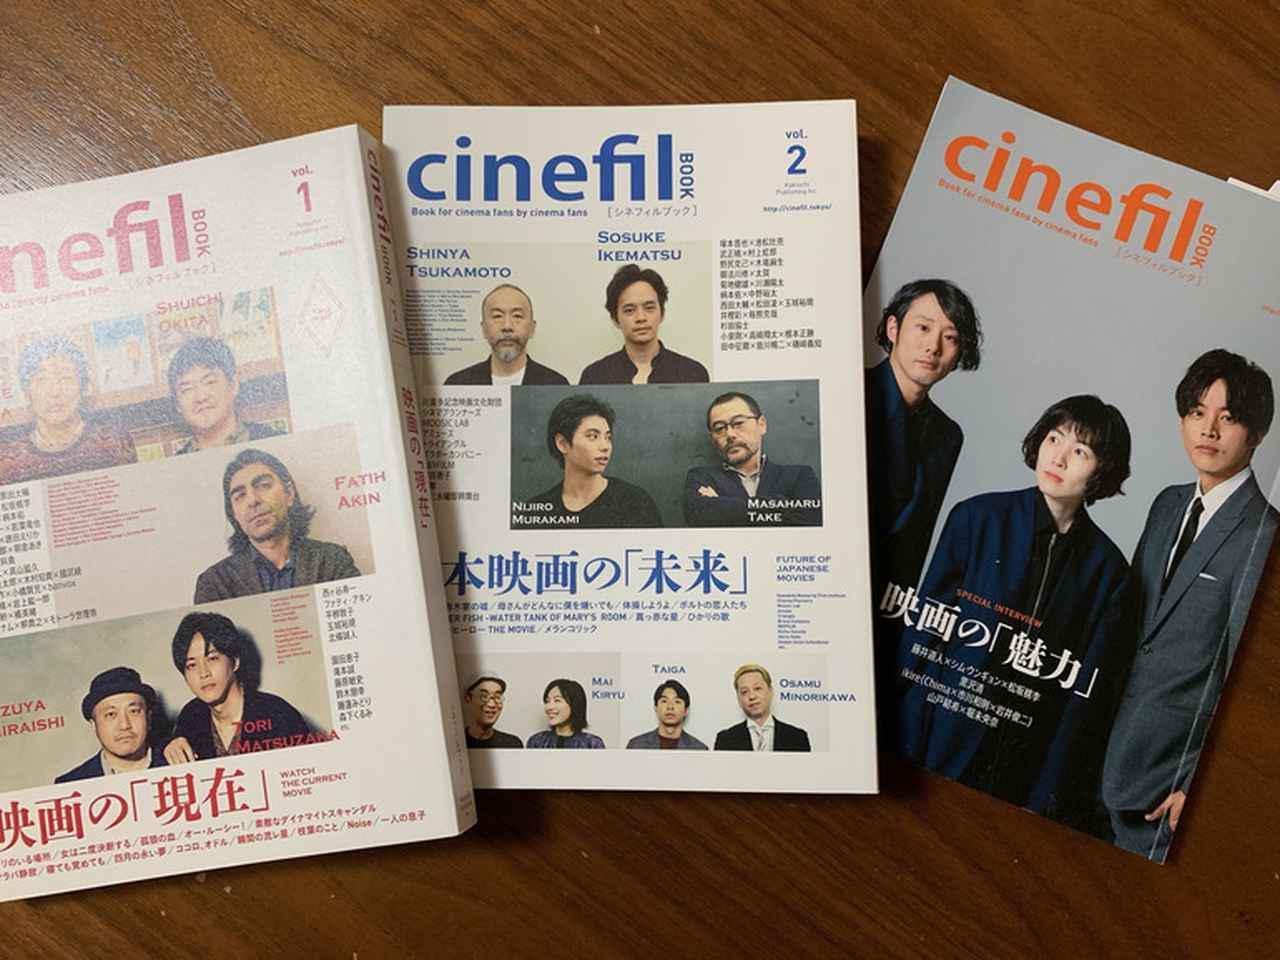 画像2: cinefil BOOK vol.4に掲載の主要映画作品